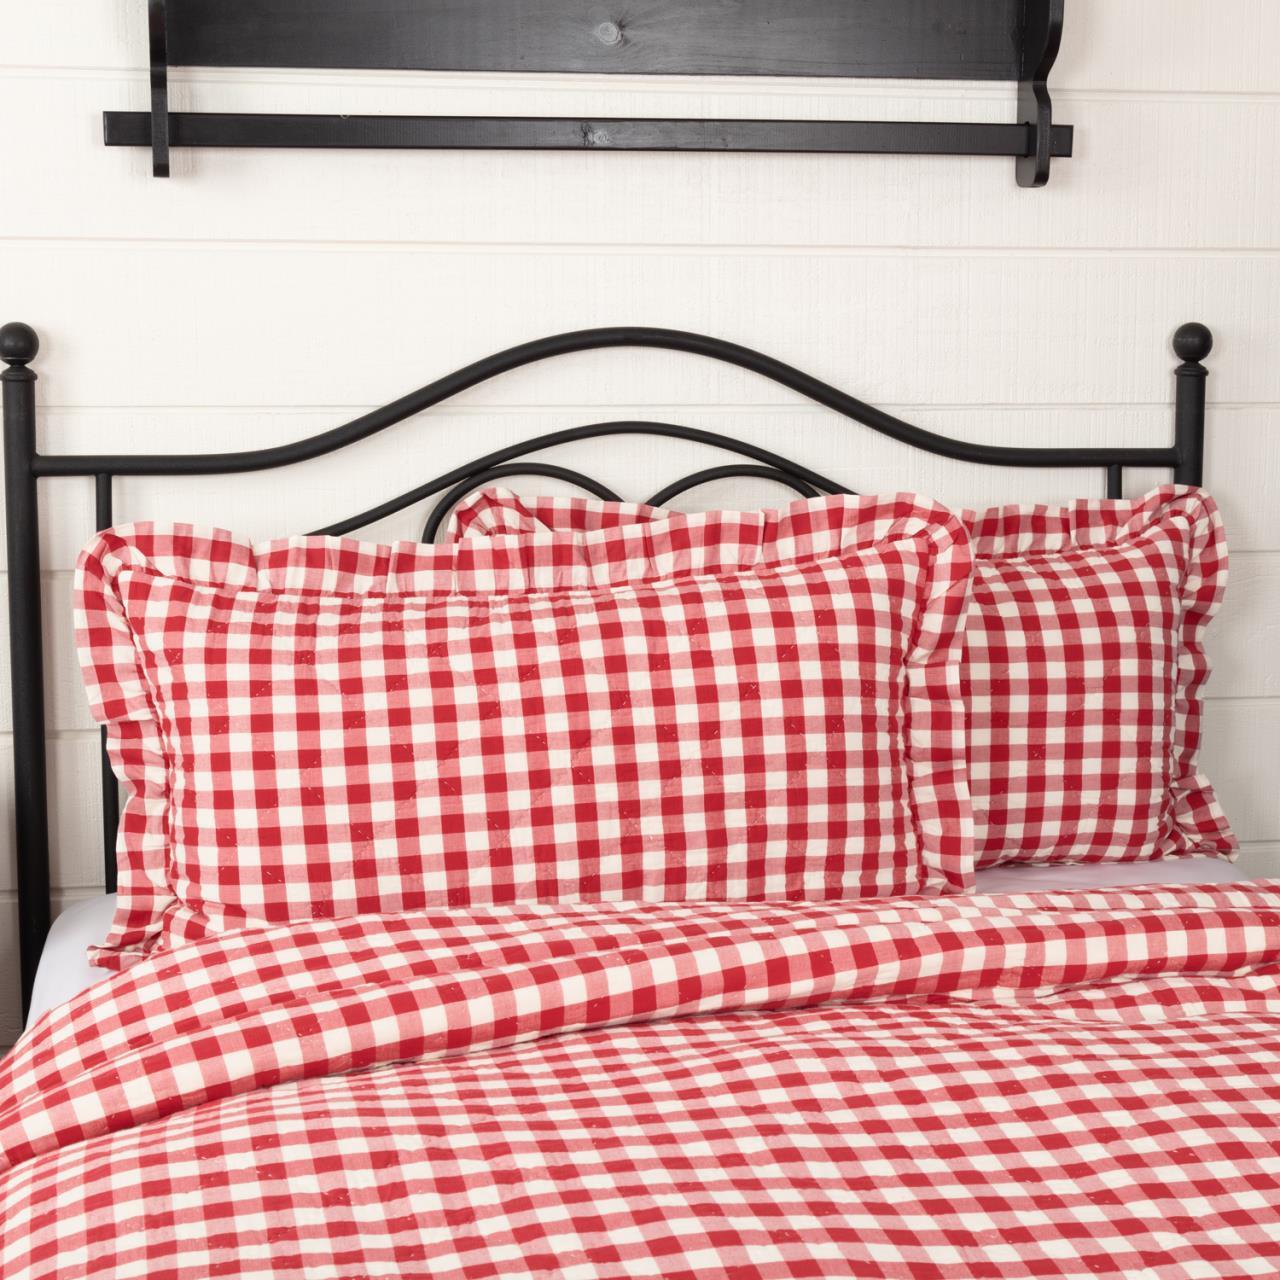 Annie Buffalo Red Check Ruffled Sham - 840528182525